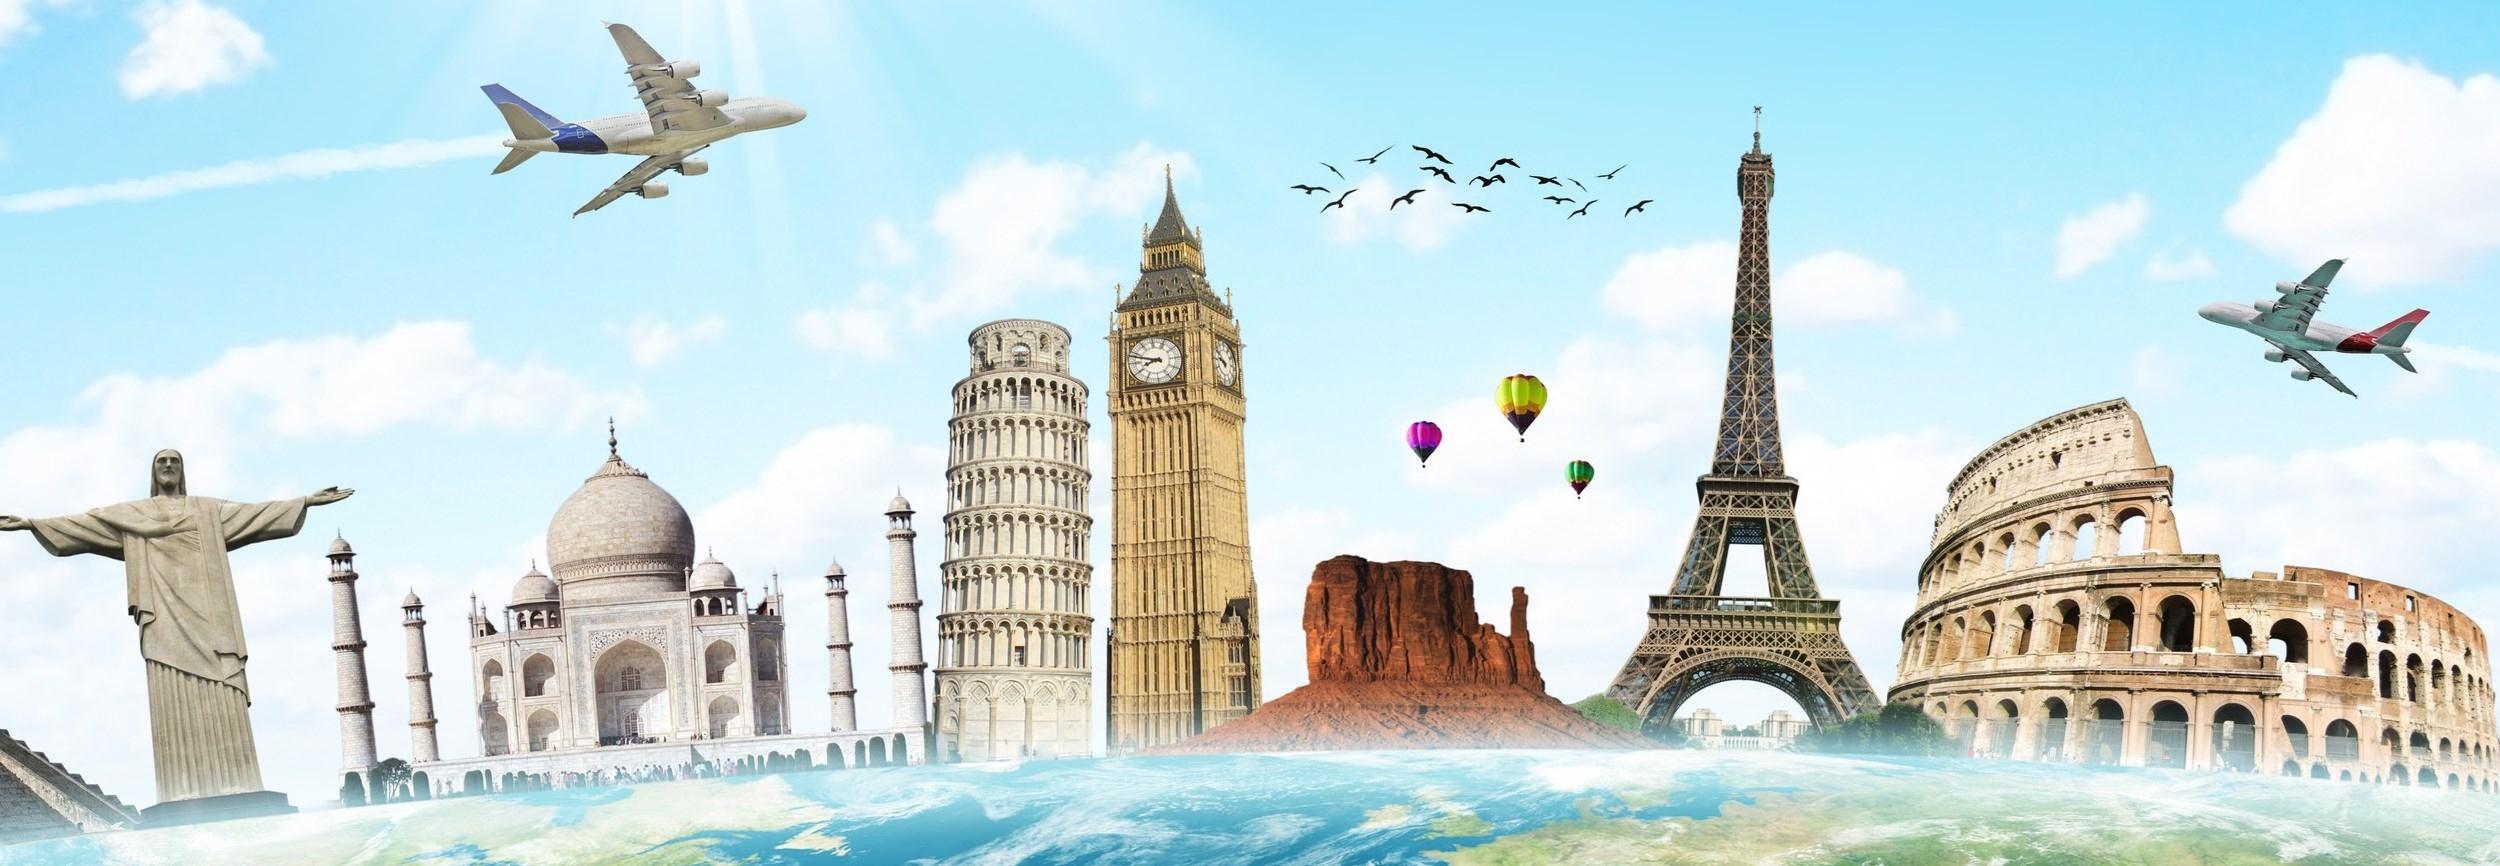 جاذبههای گردشگری جهان